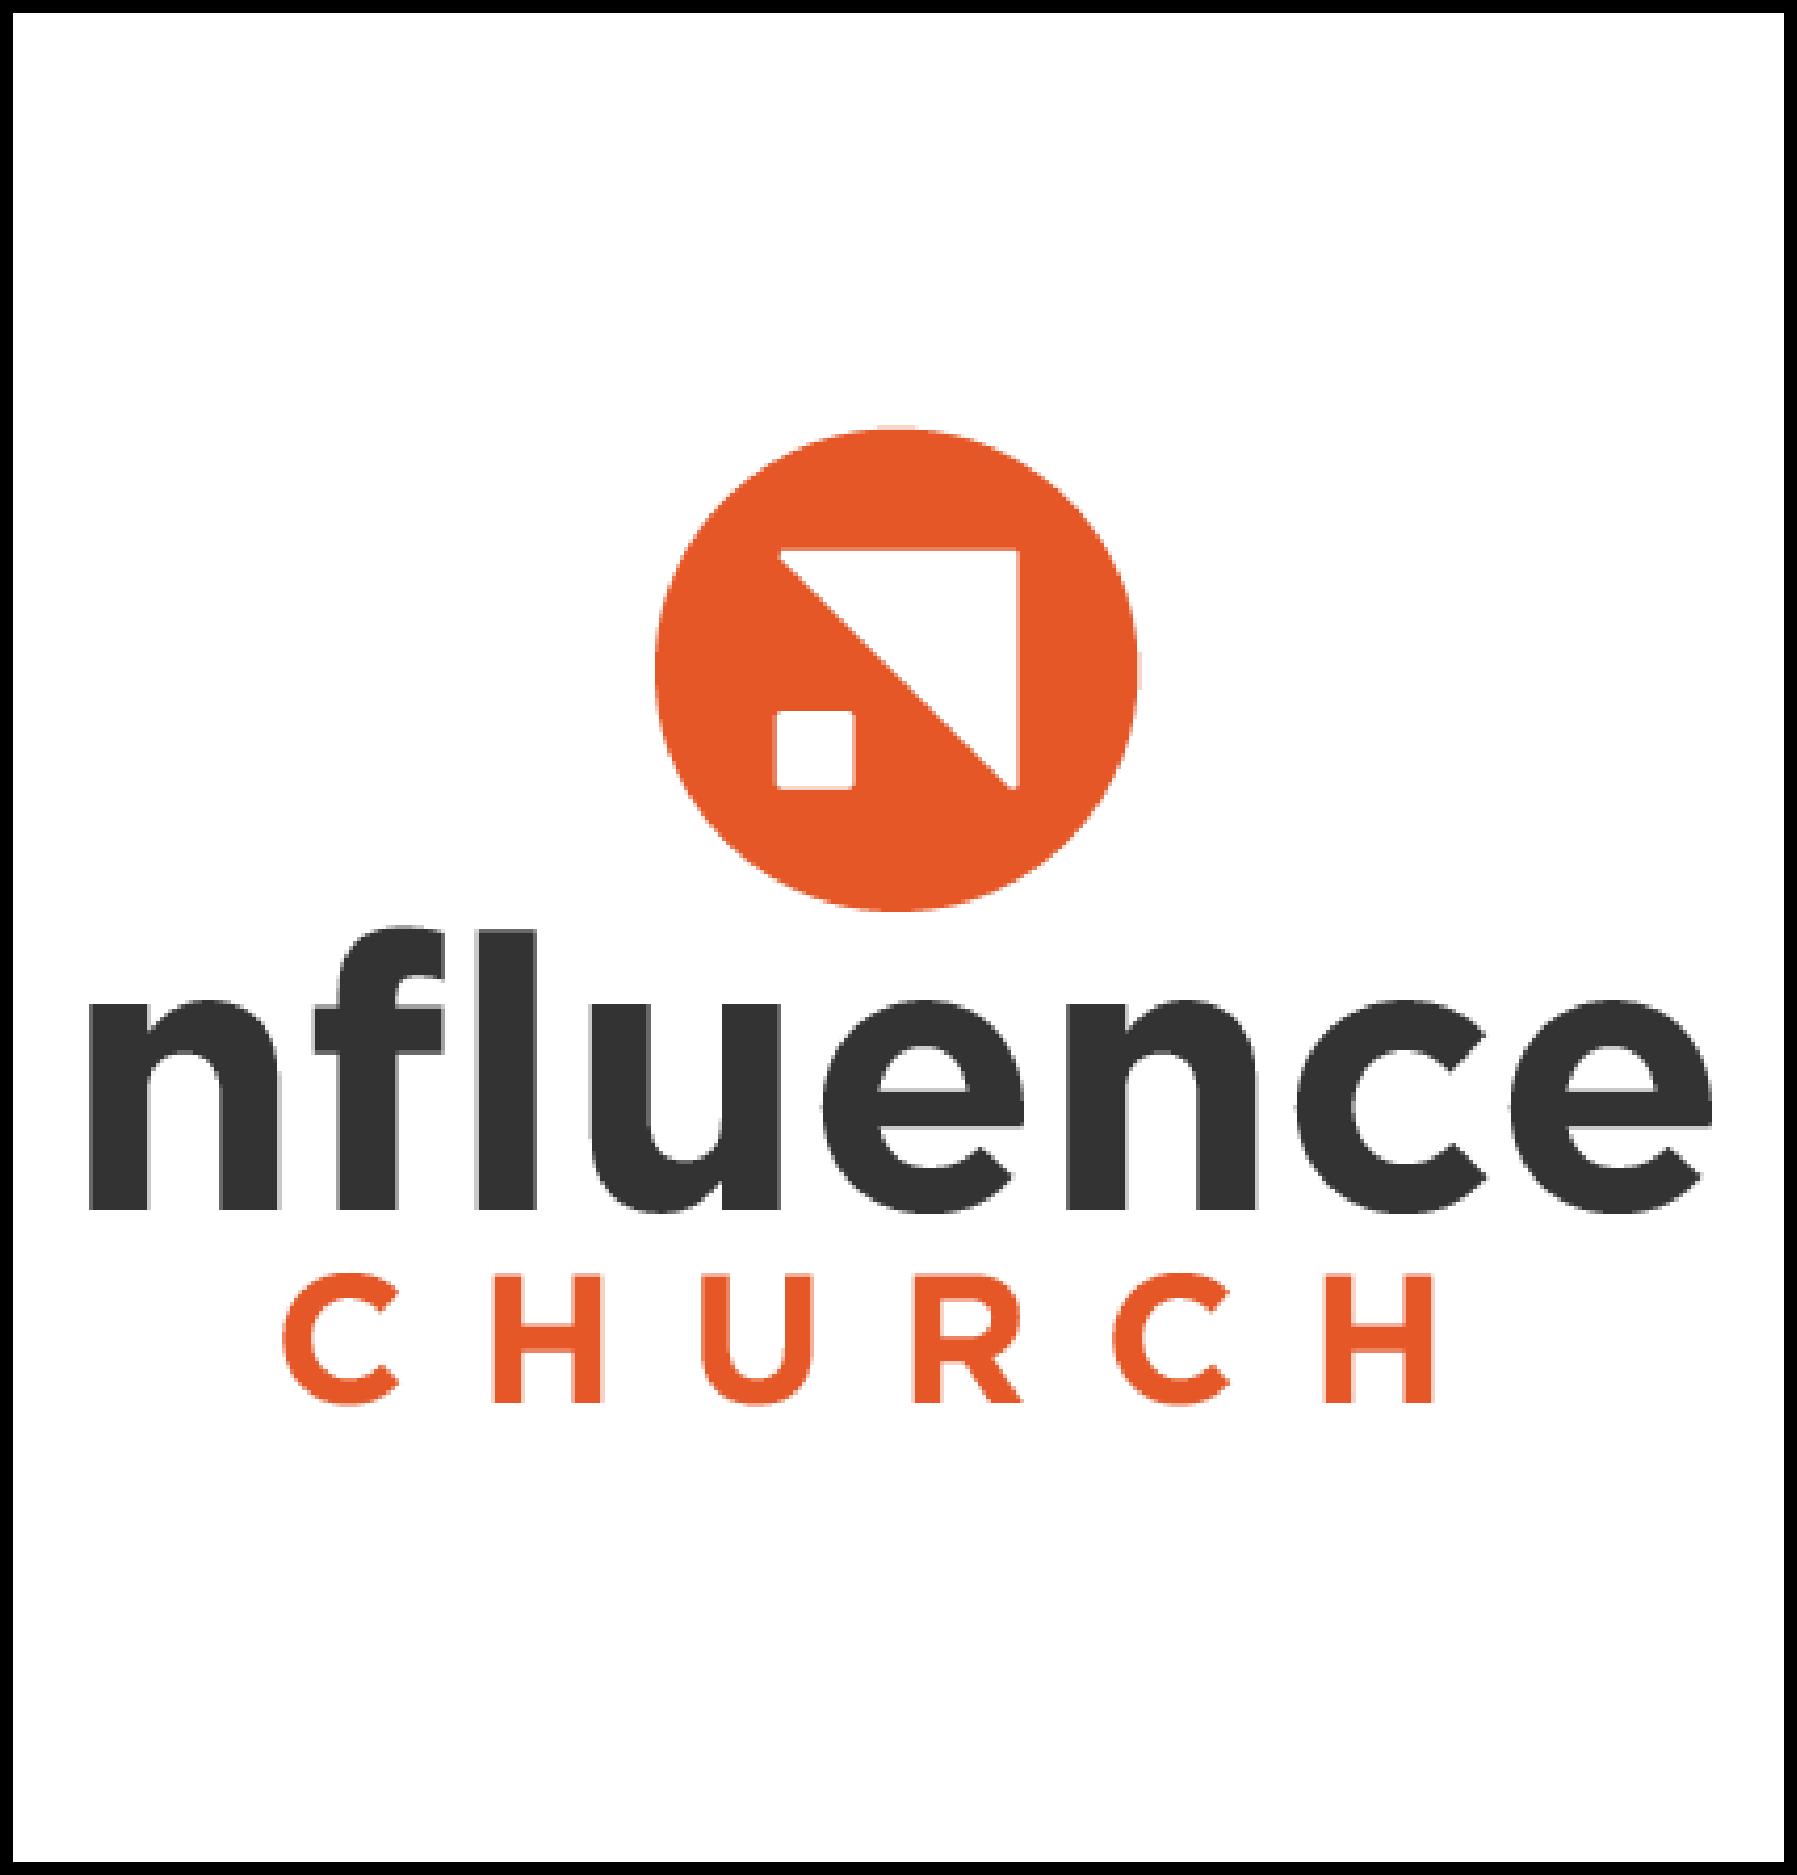 Nfluence Church Podcast